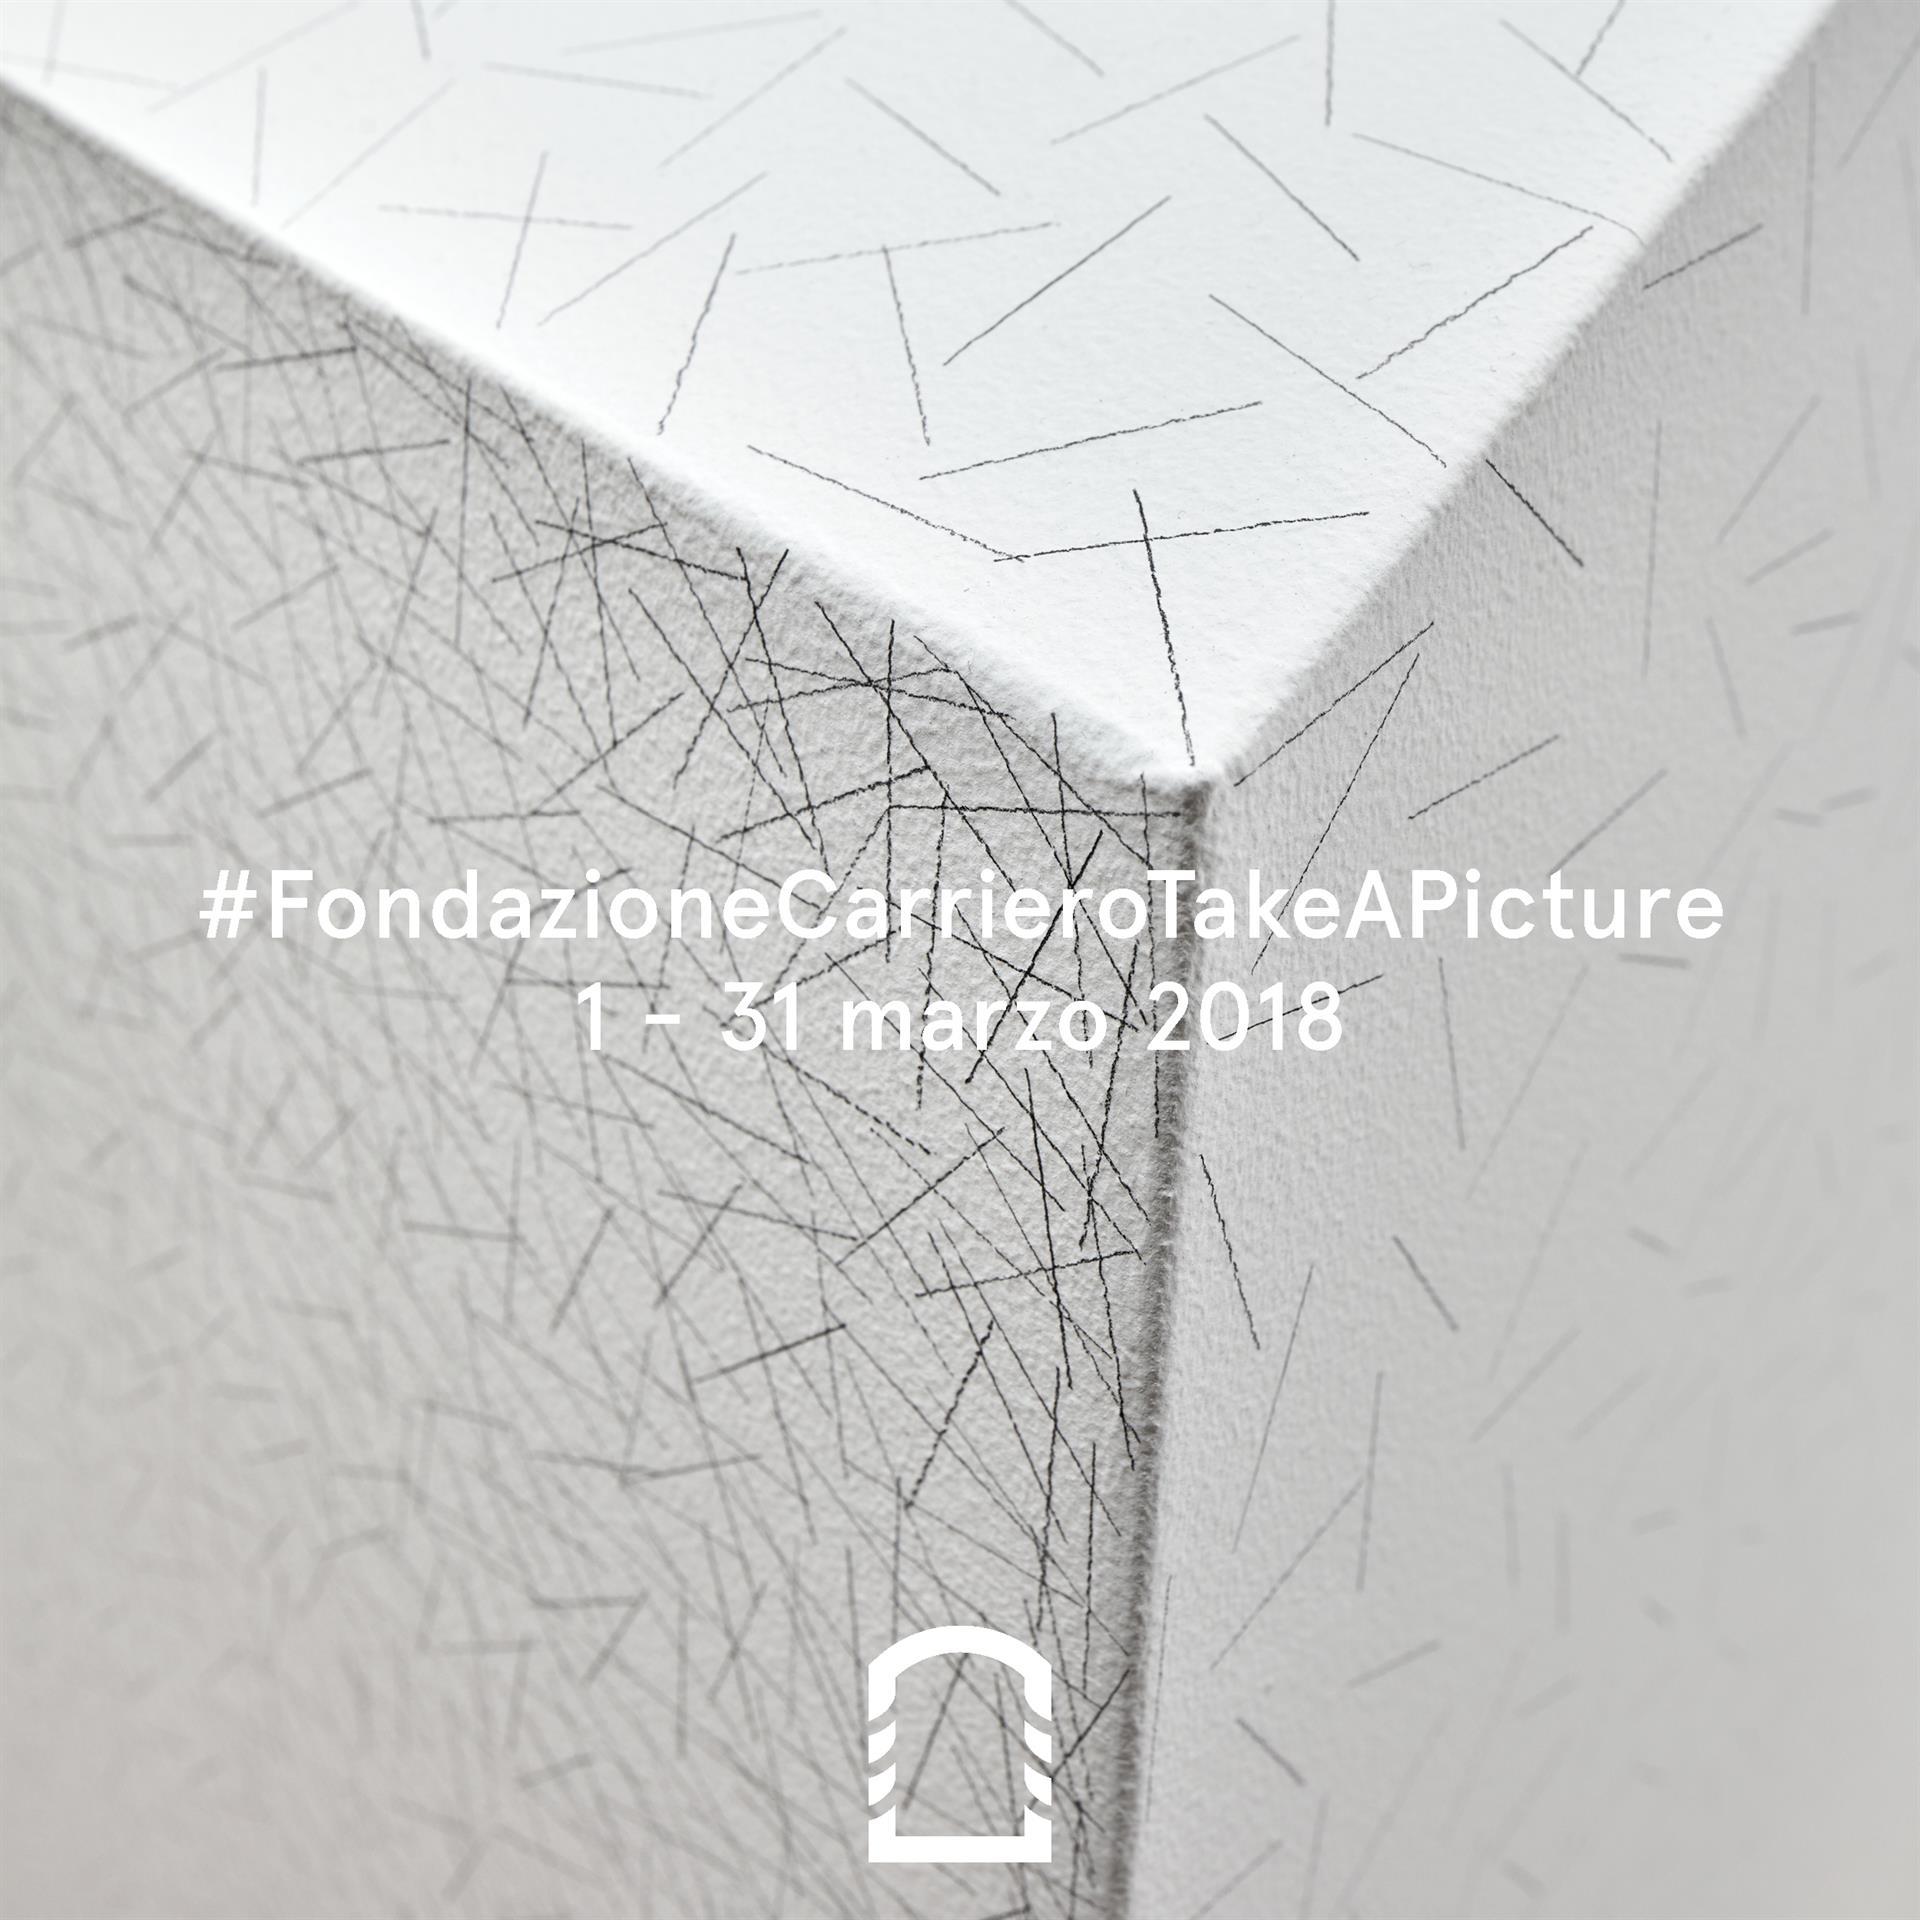 #FondazioneCarrieroTakeAPicture